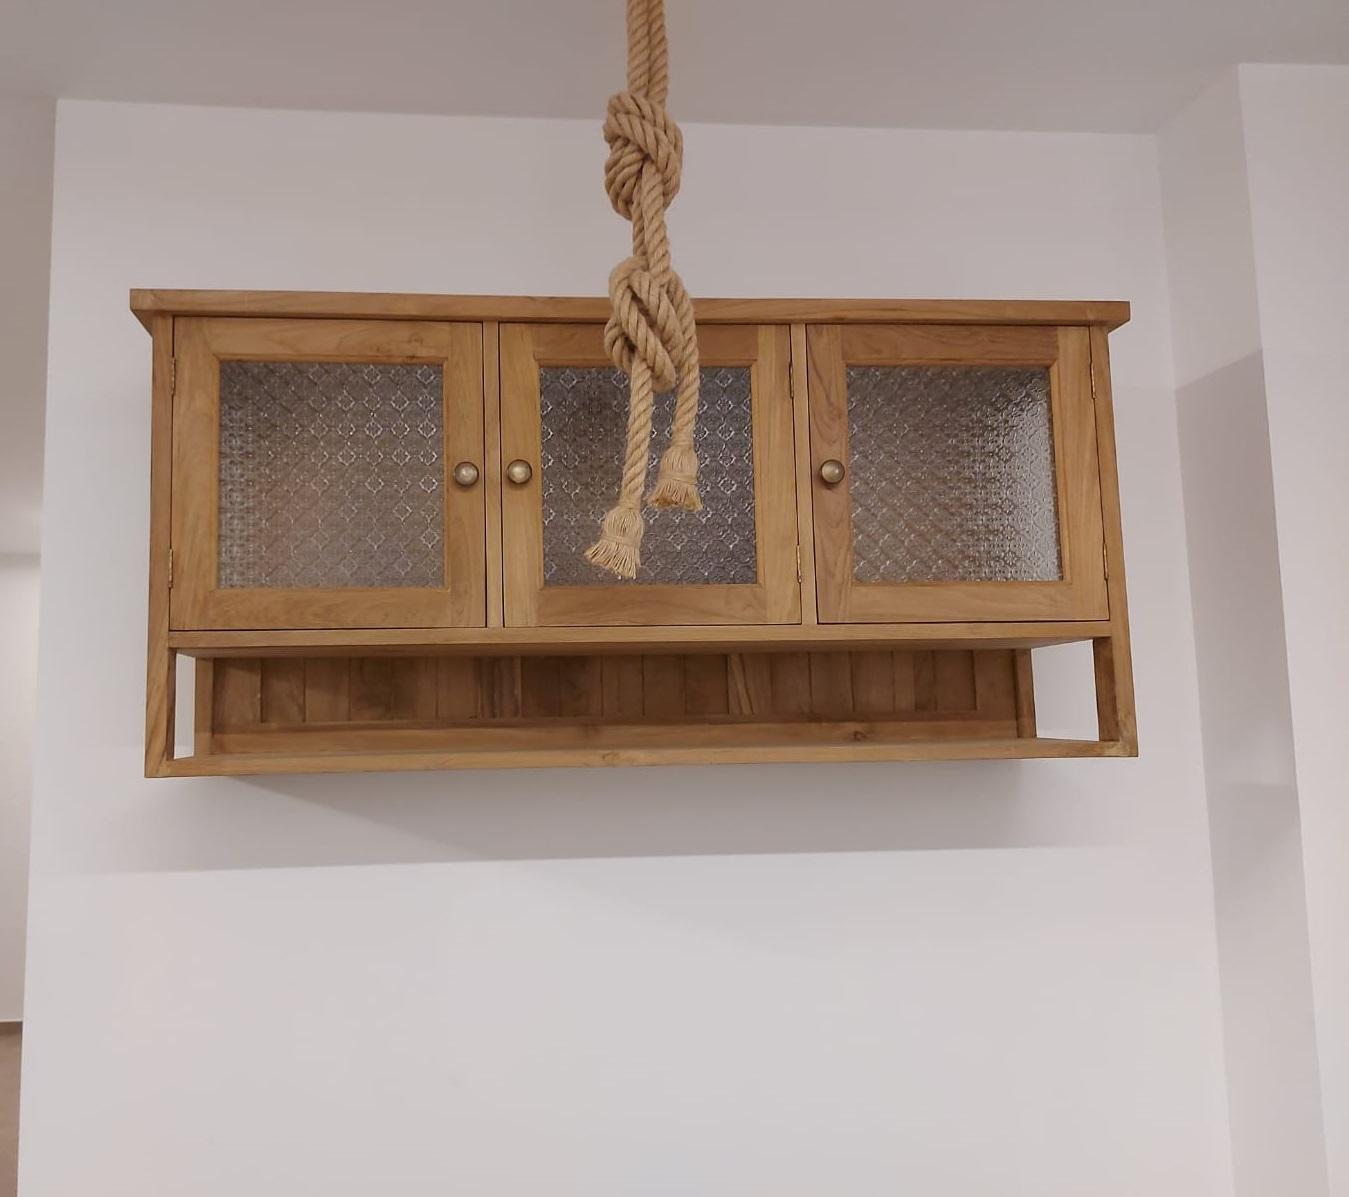 """יחידת איחסון עץ מלא טיק בשילוב זכוכית סבתא במחיר מבצע: 2,800 ש""""ח"""